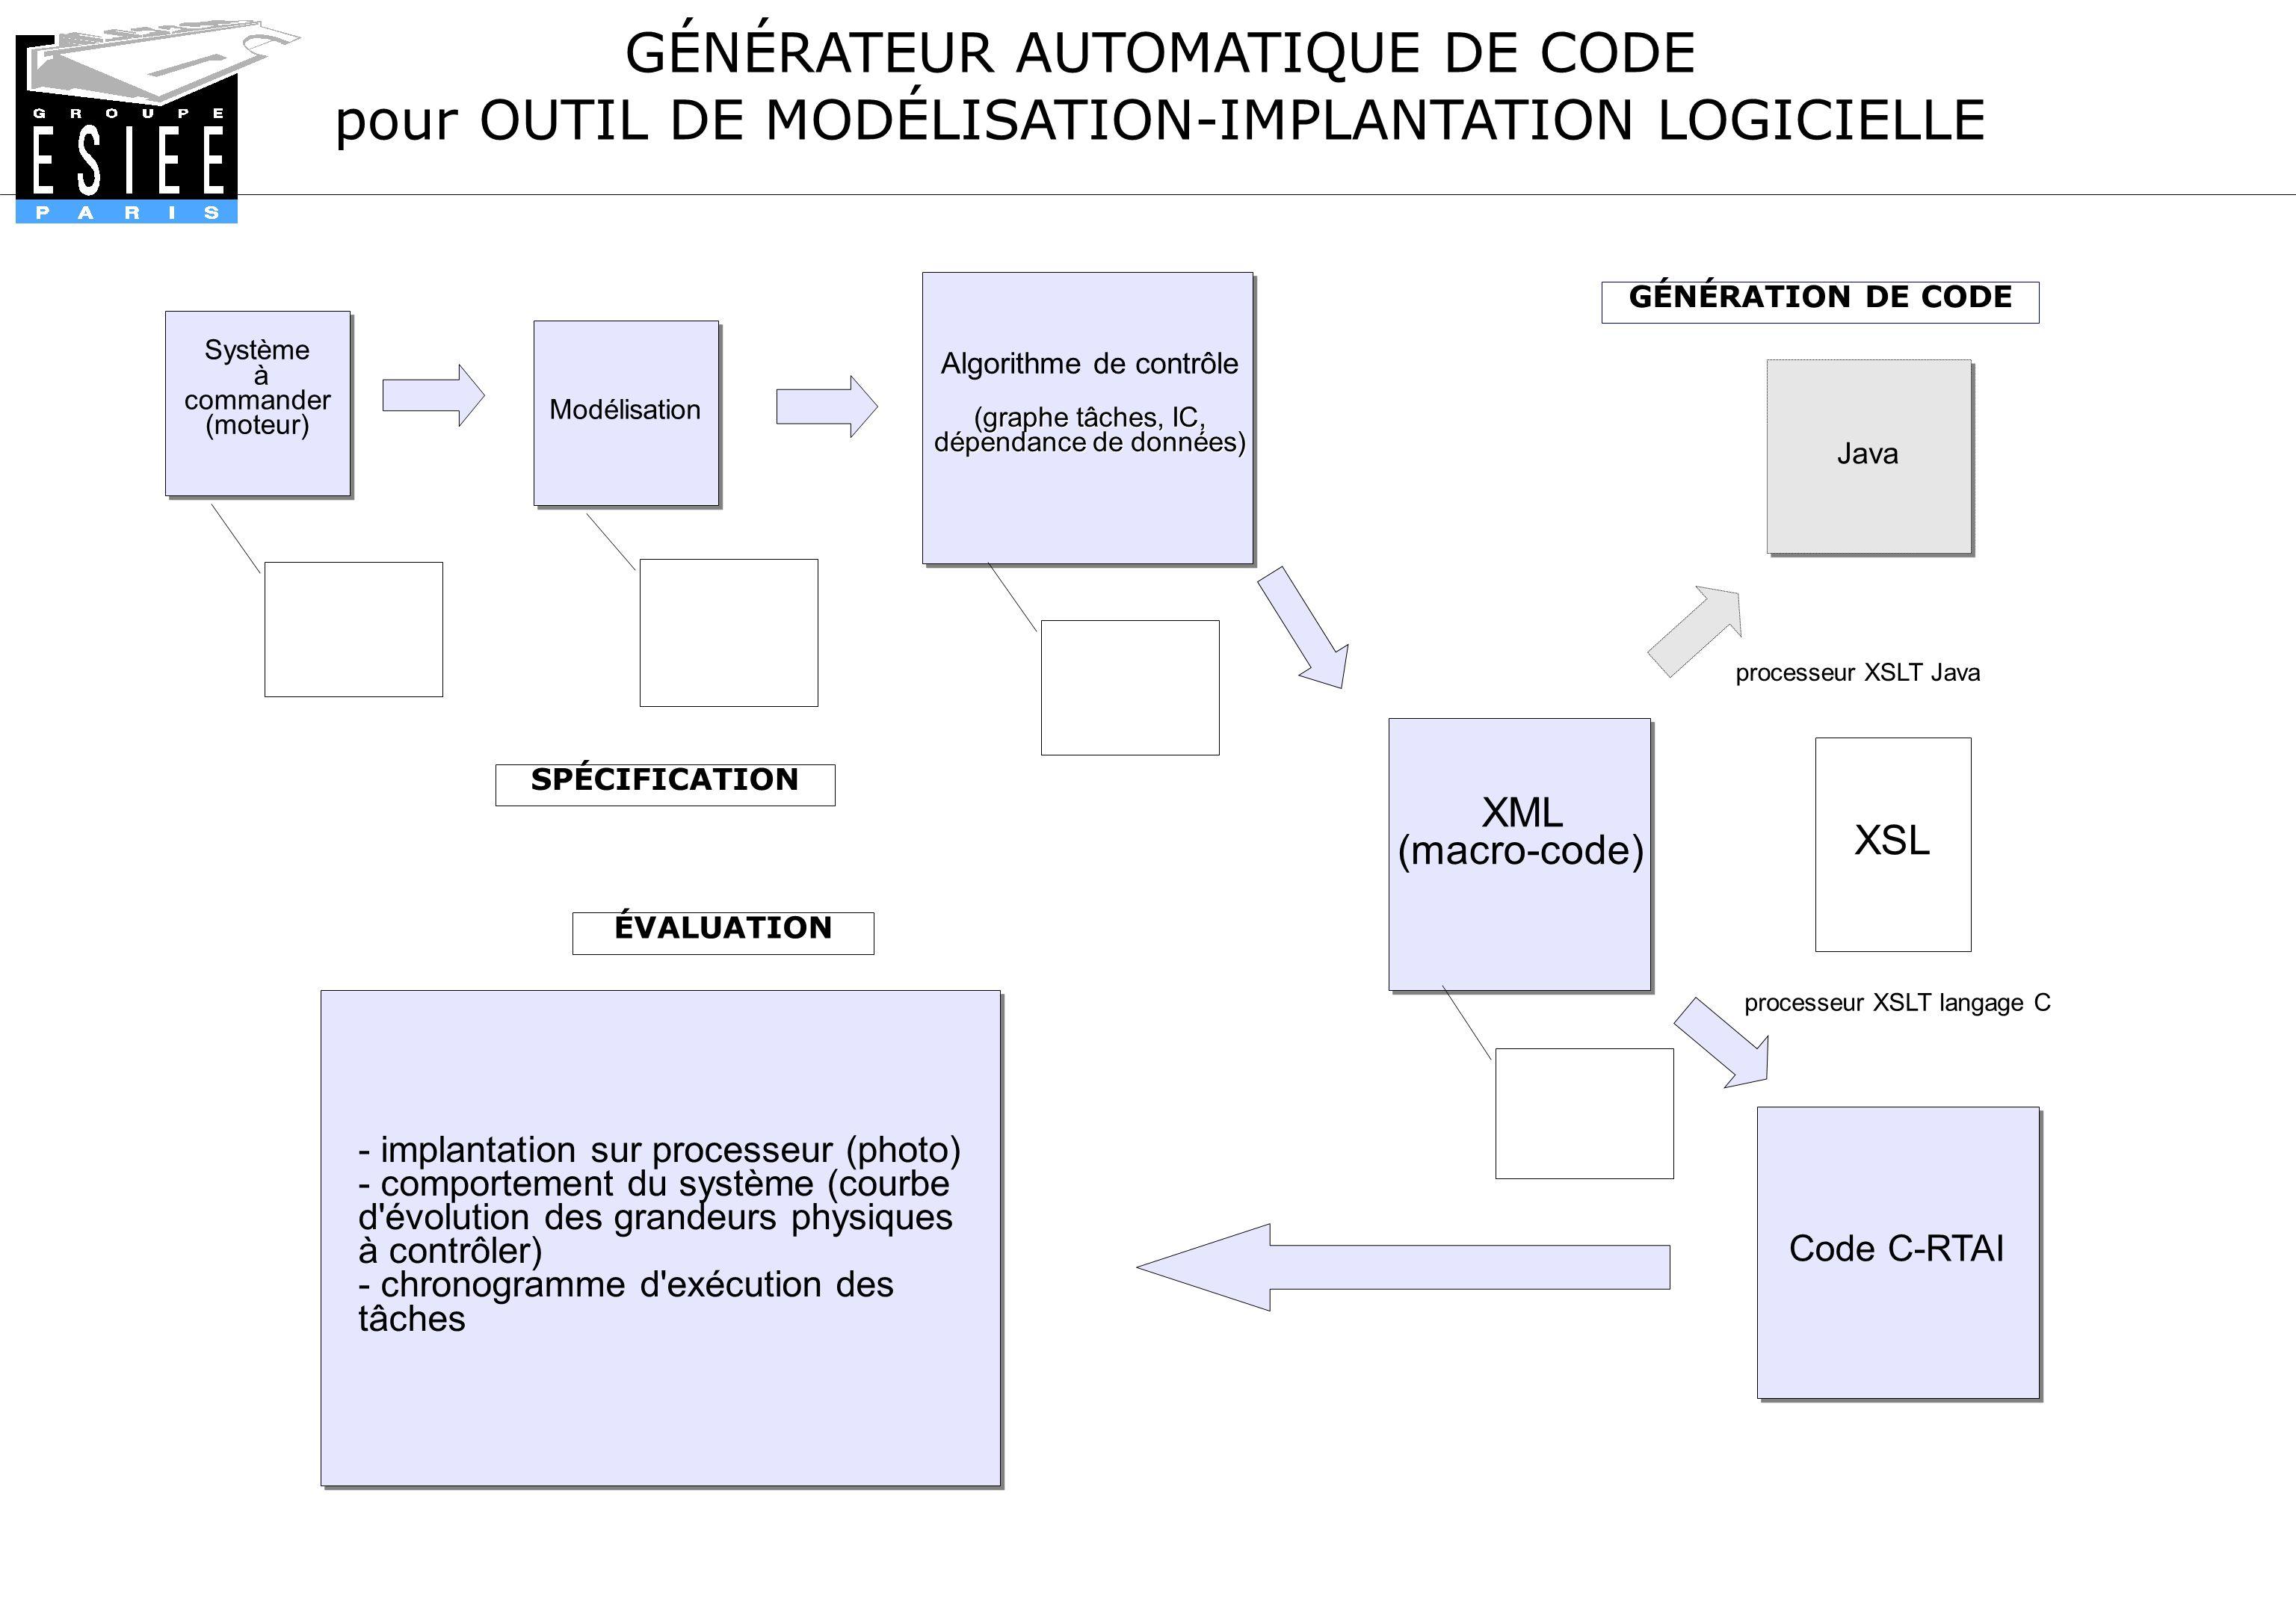 GÉNÉRATEUR AUTOMATIQUE DE CODE pour OUTIL DE MODÉLISATION-IMPLANTATION LOGICIELLE Système à commander (moteur) Système à commander (moteur) Modélisati